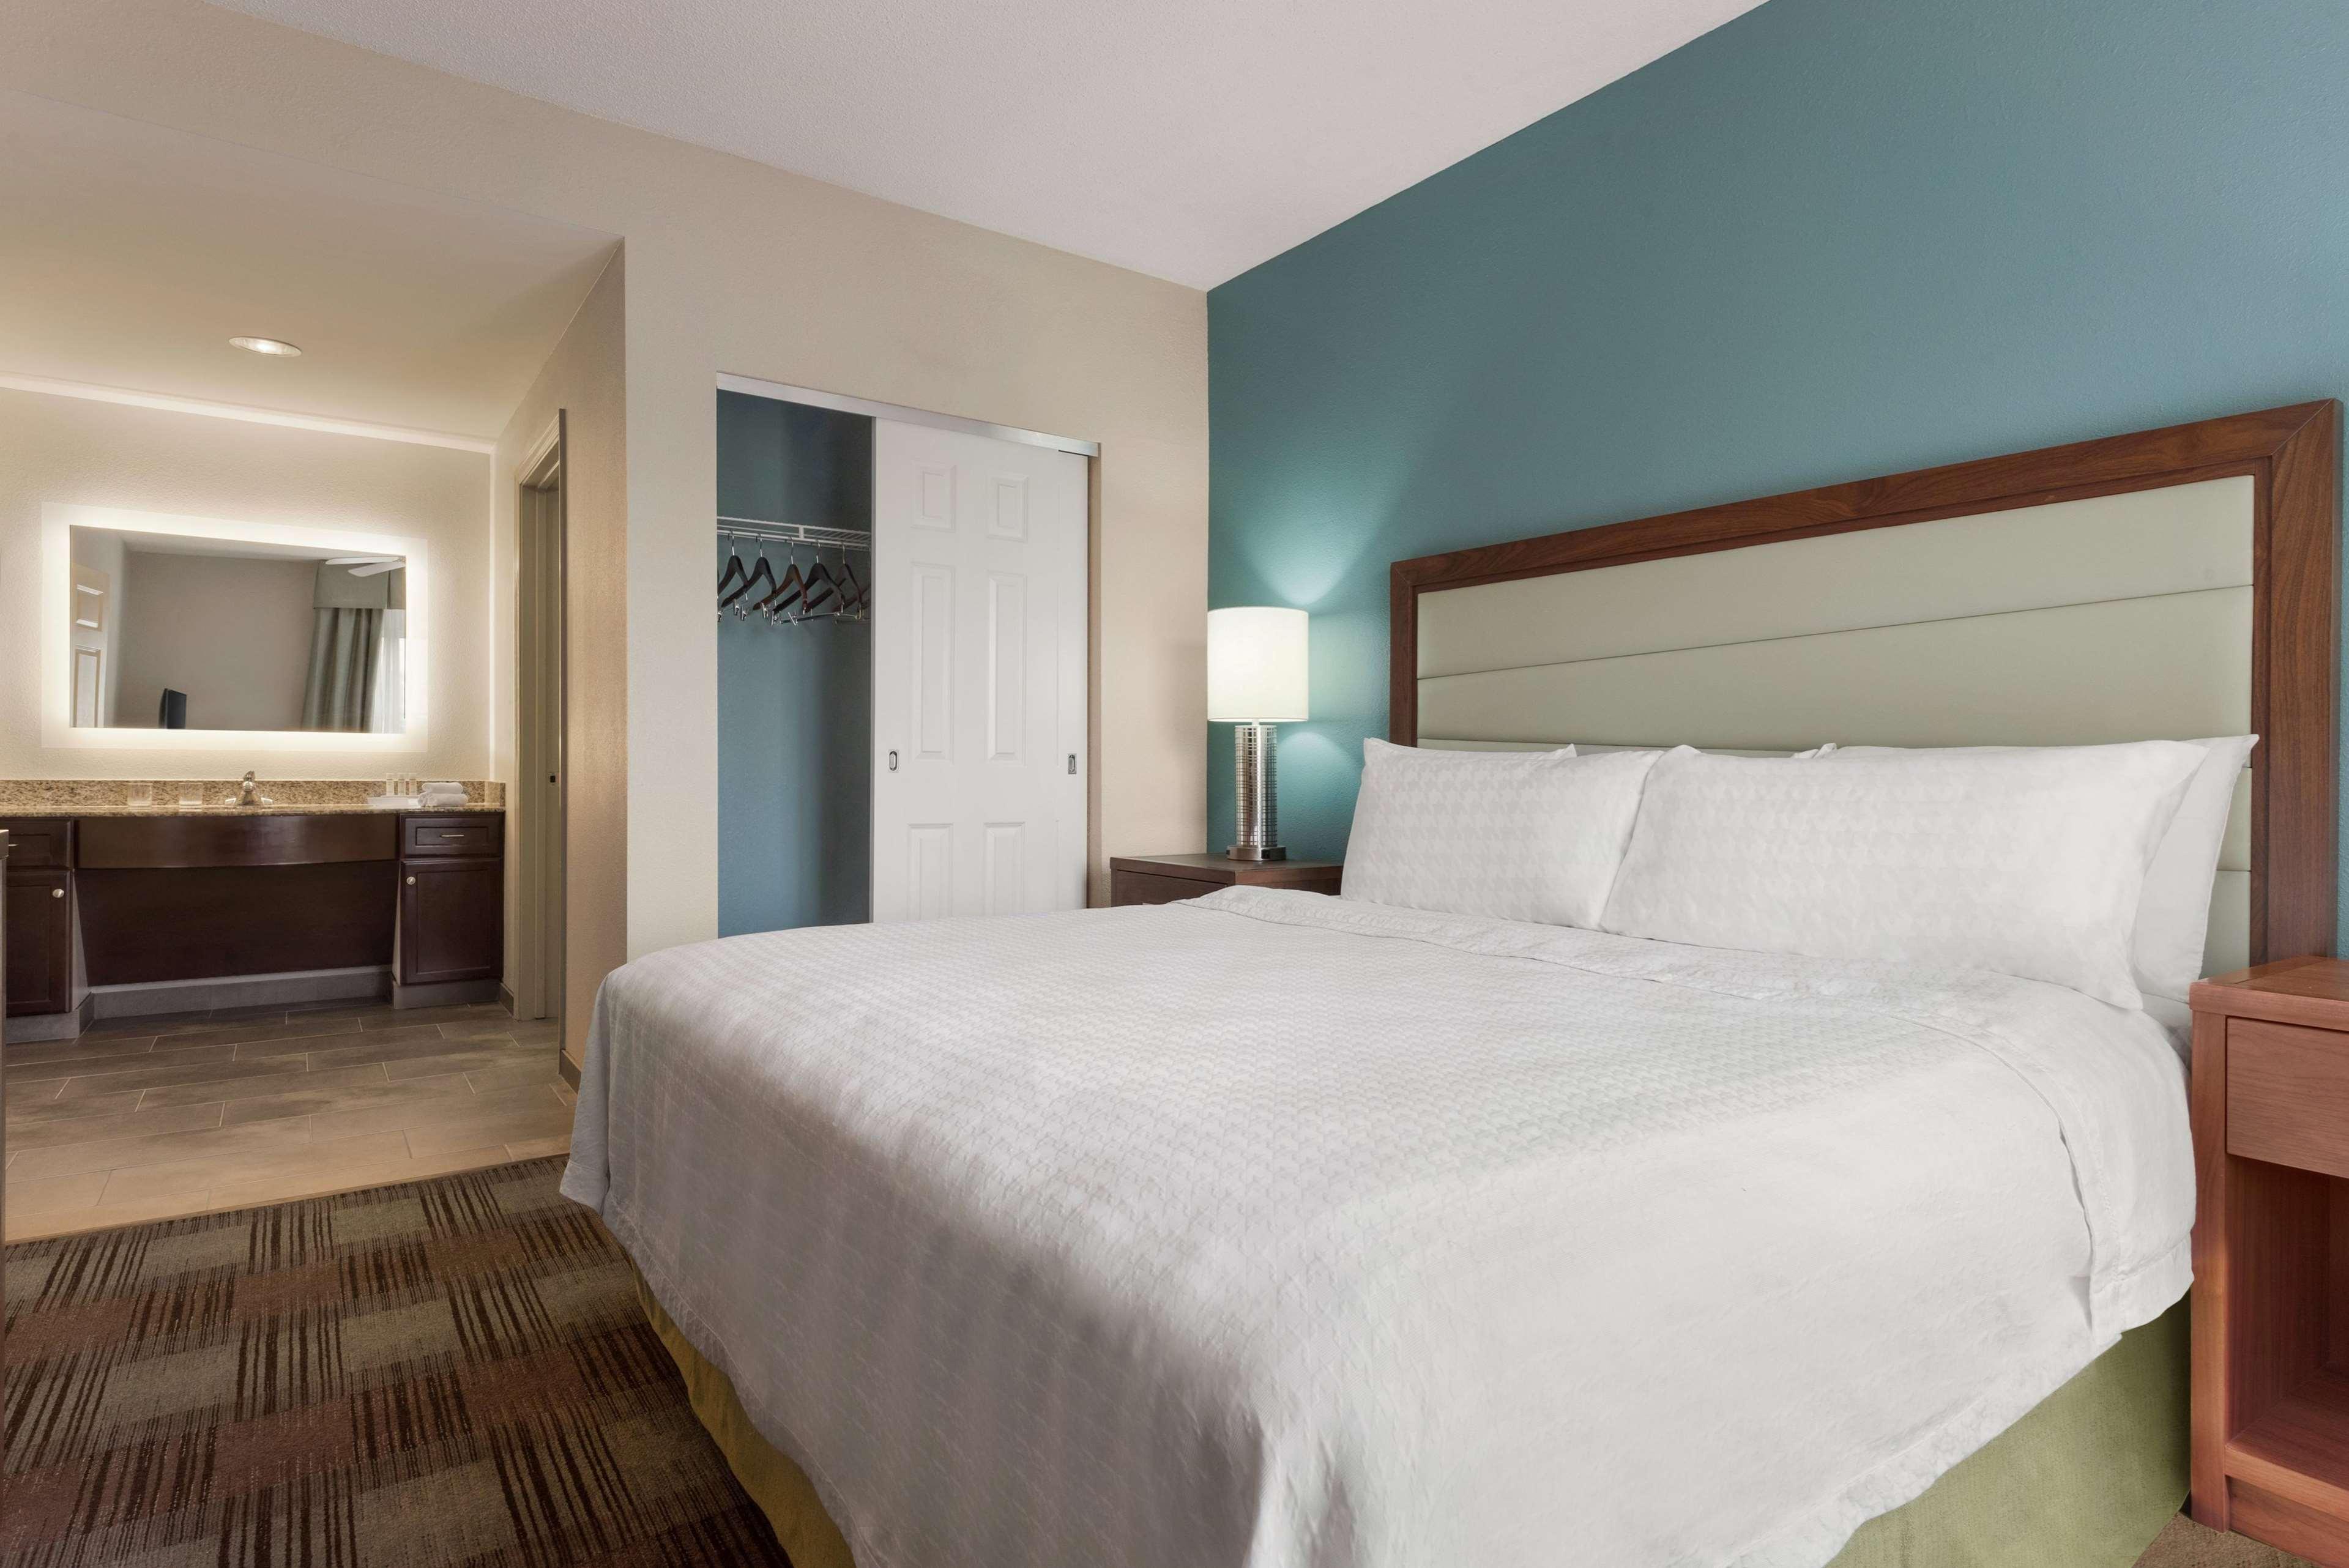 Homewood Suites by Hilton Charleston - Mt. Pleasant image 37